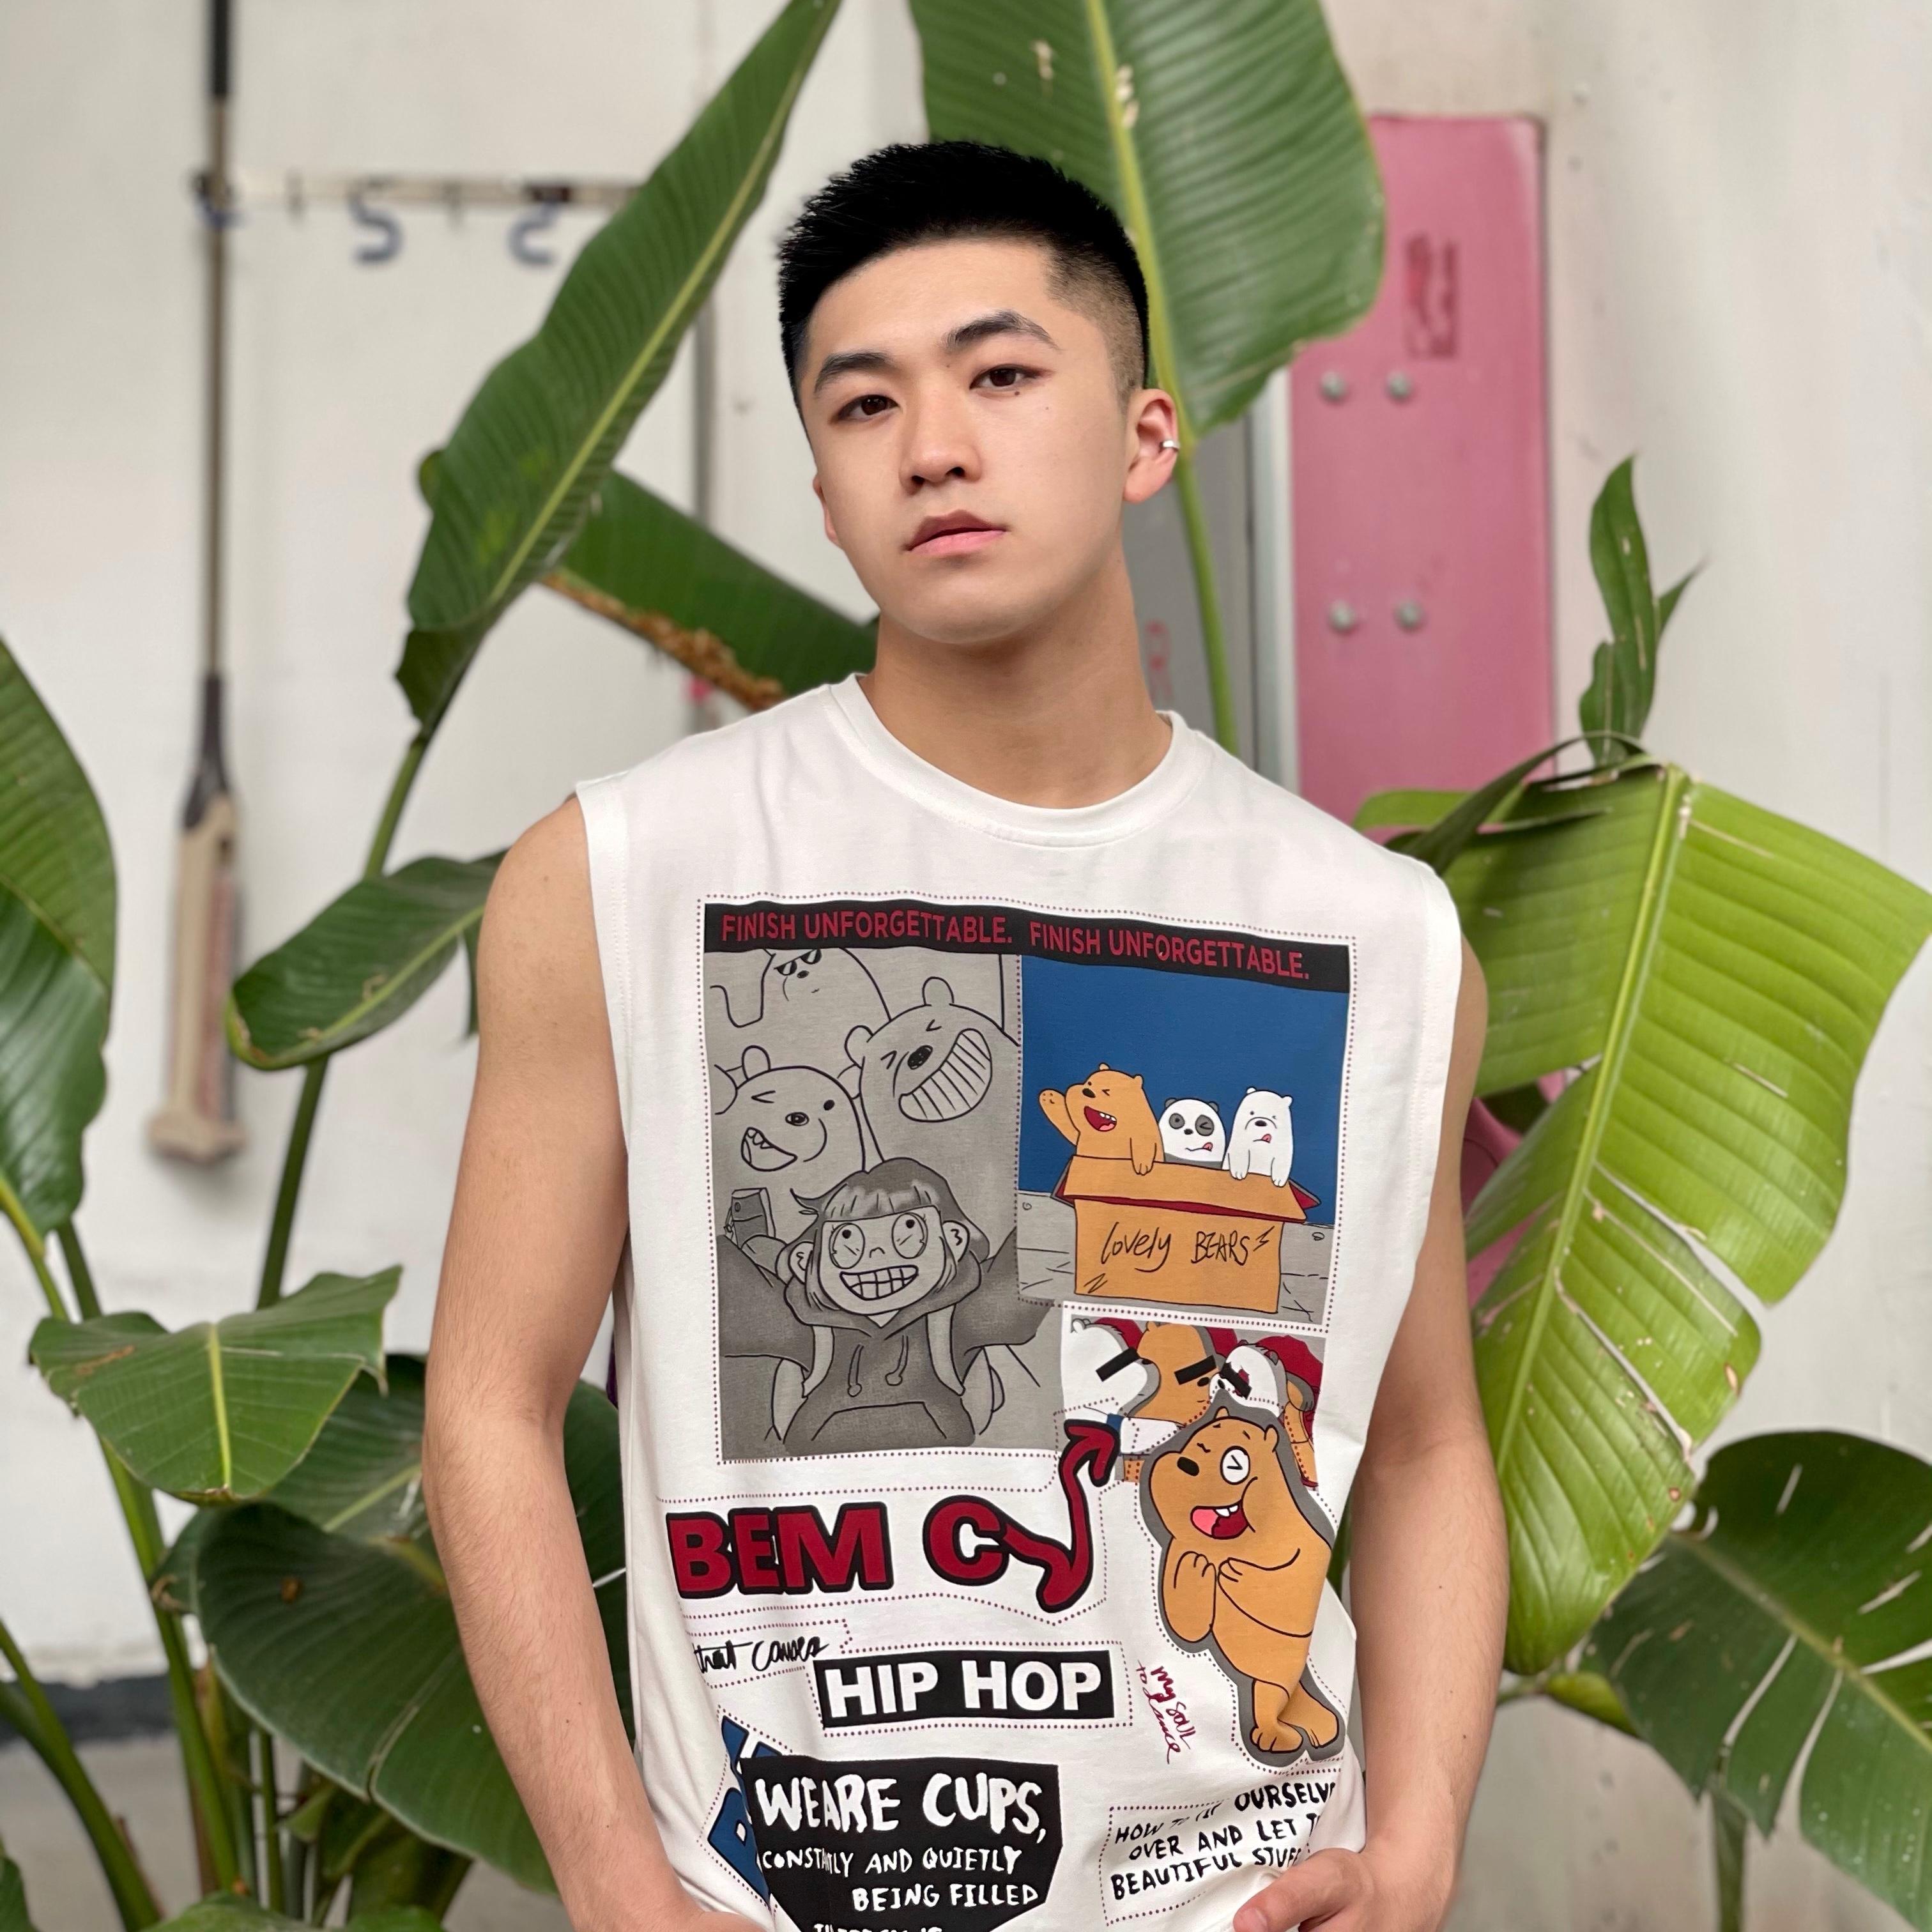 Rh/ 21ss 男生无袖背心圆领卡通熊印花刺绣图案黑白双色烫印宽松